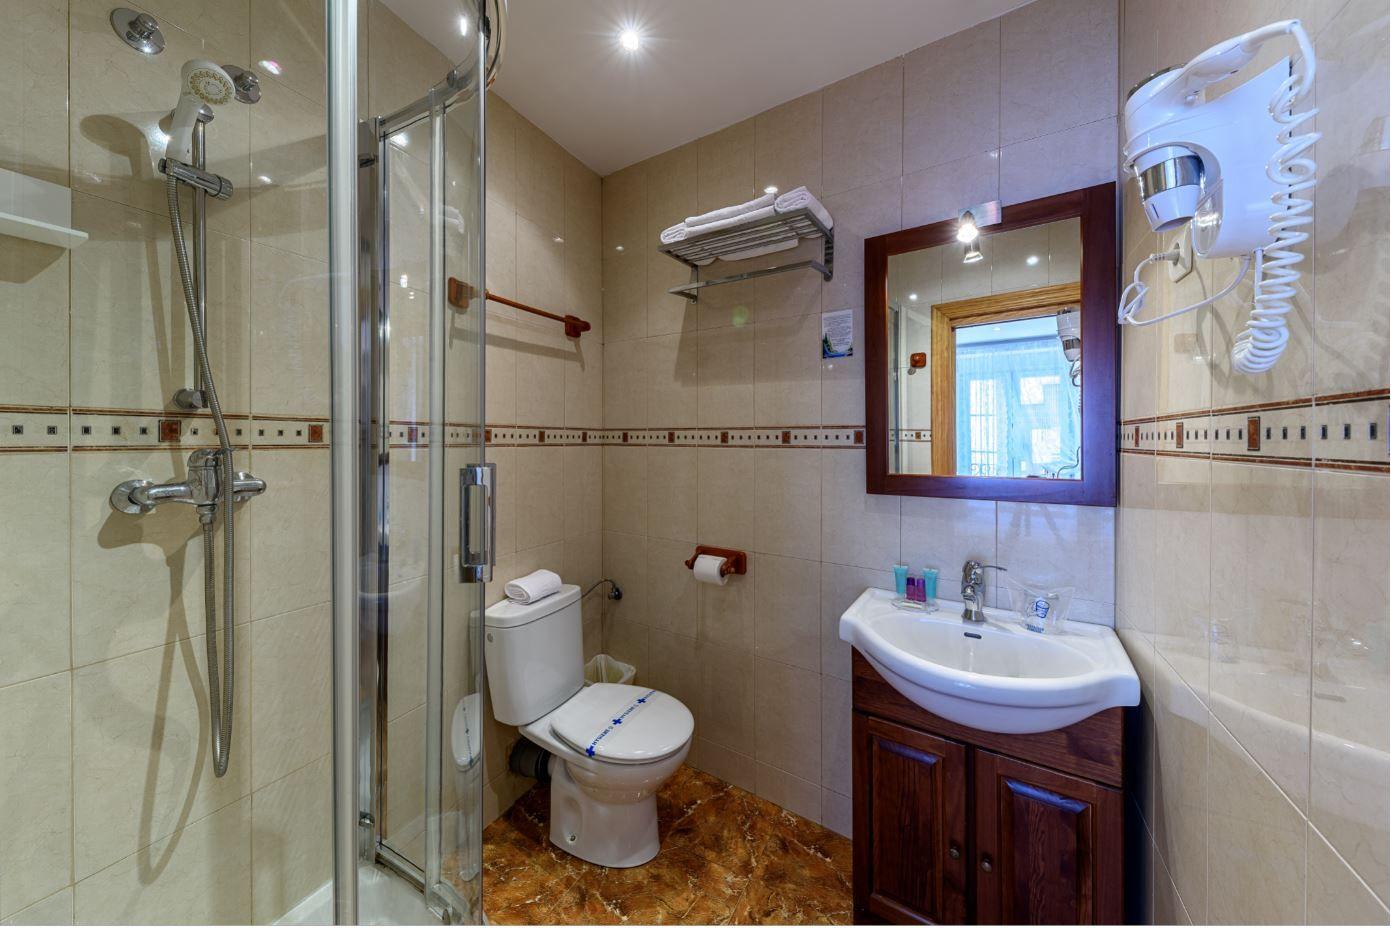 Baño de Habitación Doble de matrimonio en hotel Castro Urdiales